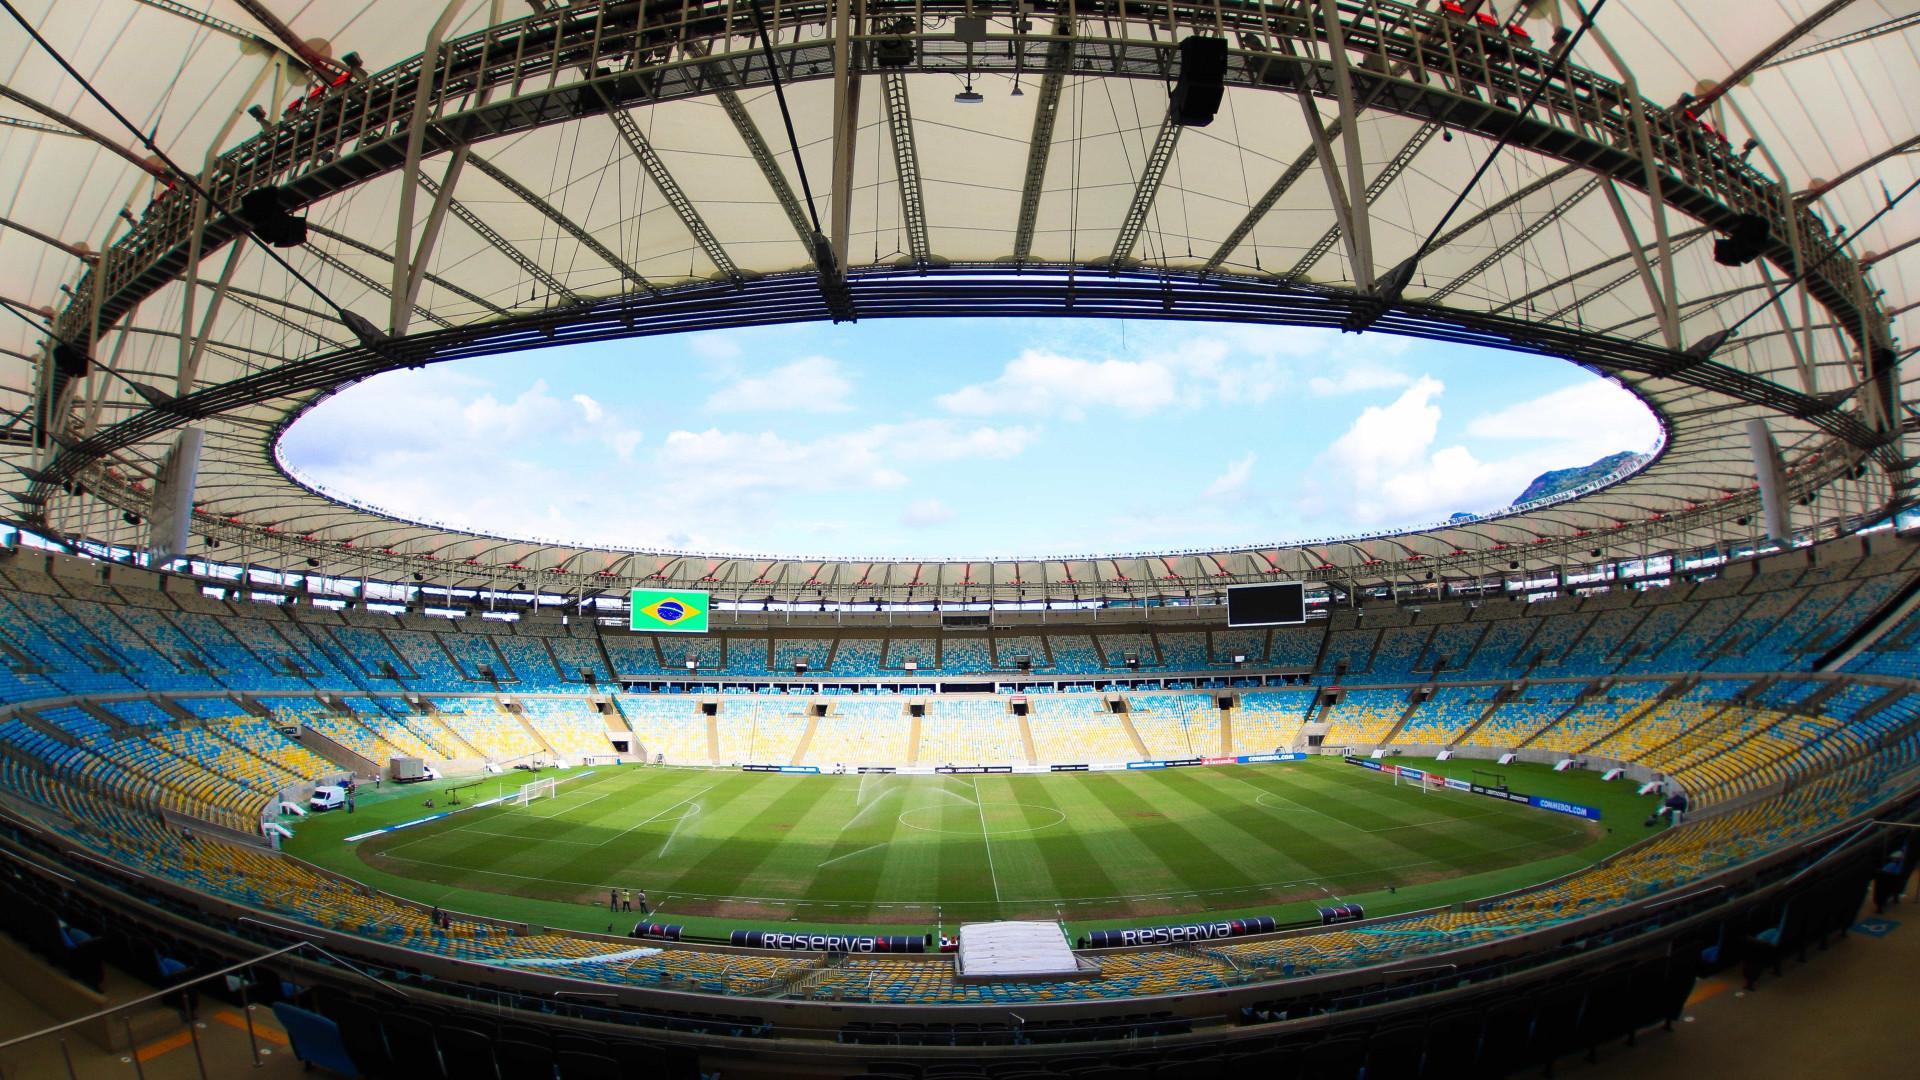 Ingresso para abertura da Copa América custará de R$ 190 a R$ 590